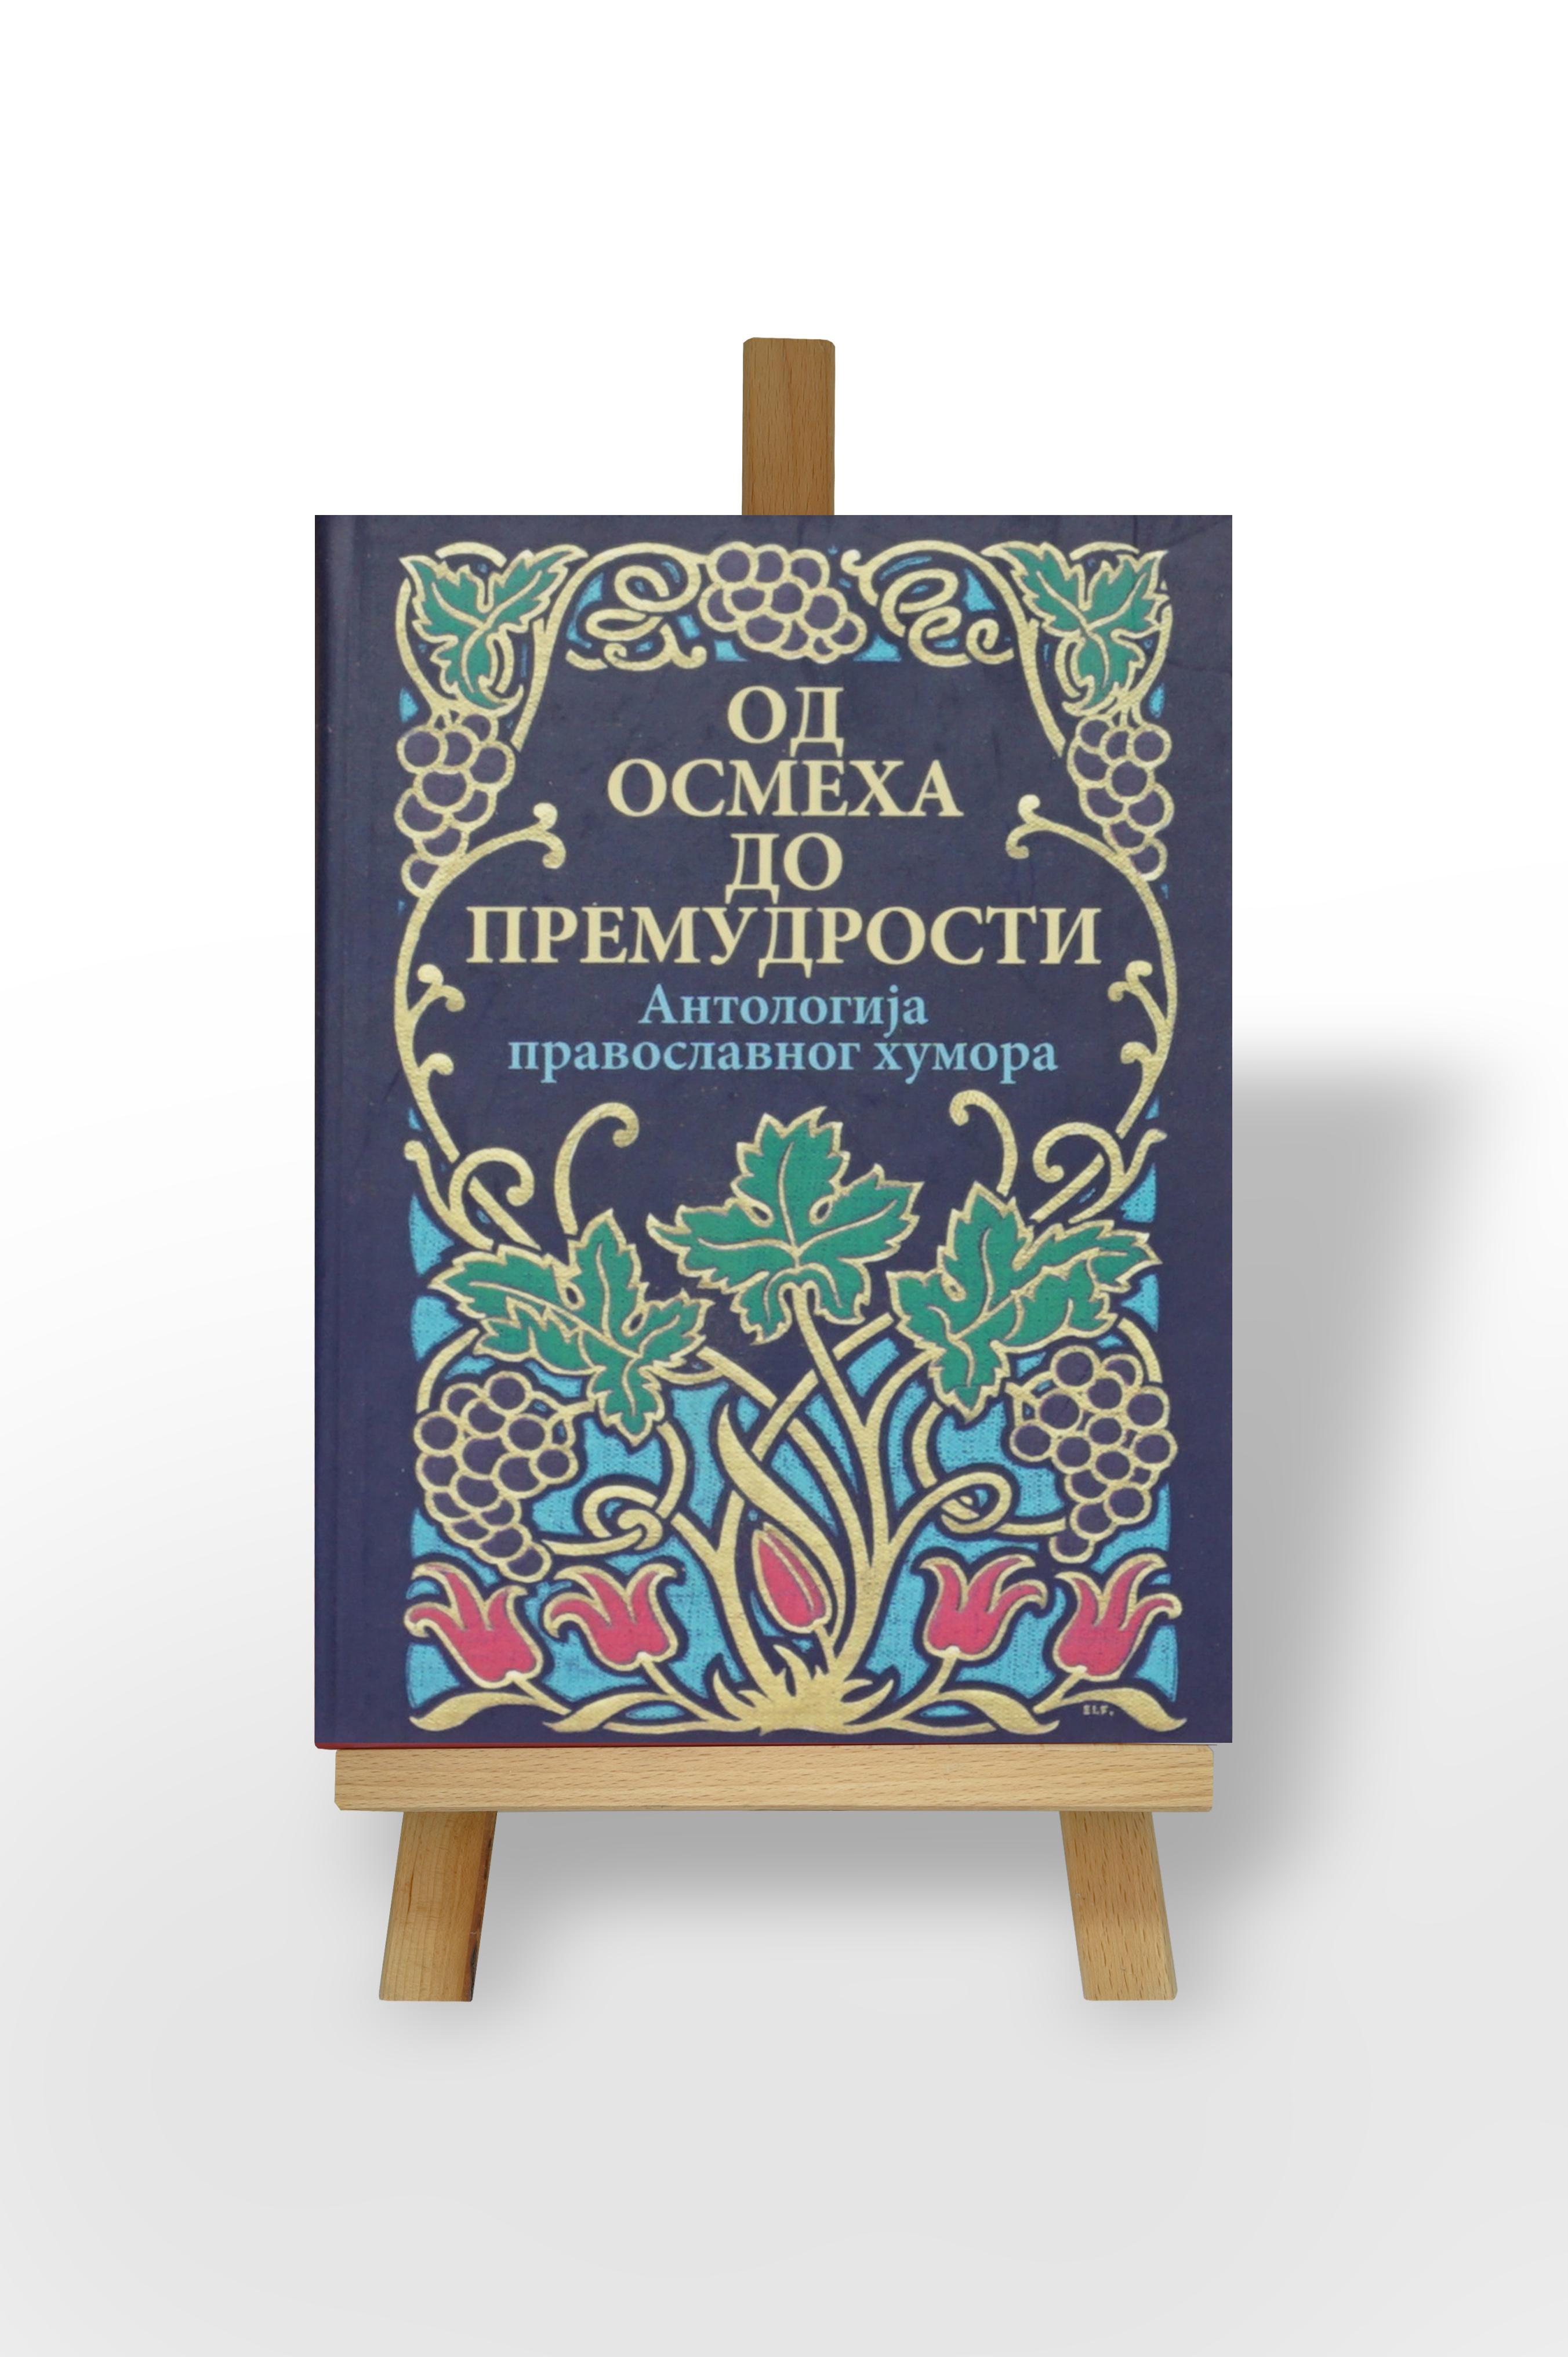 Od osmeha do premudrosti: Antologija pravoslavnog humora